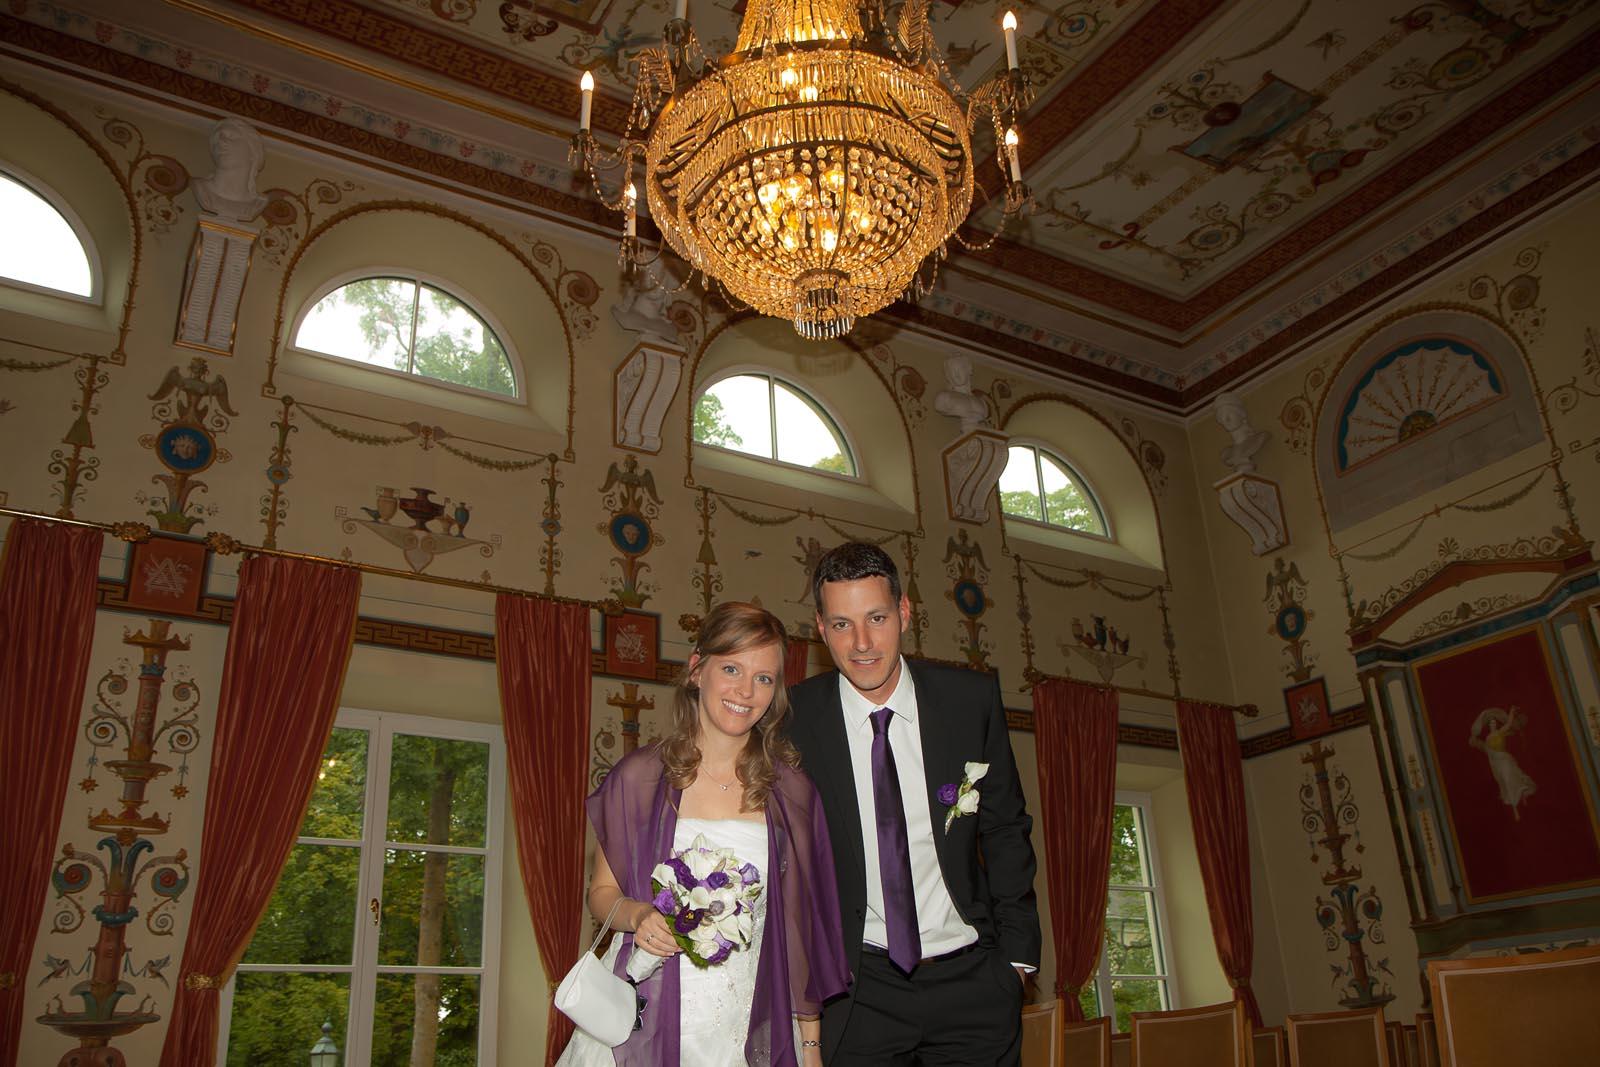 Hochzeit-Portraits-Pilo-2-Hochzeit-Pilo-8887.jpg